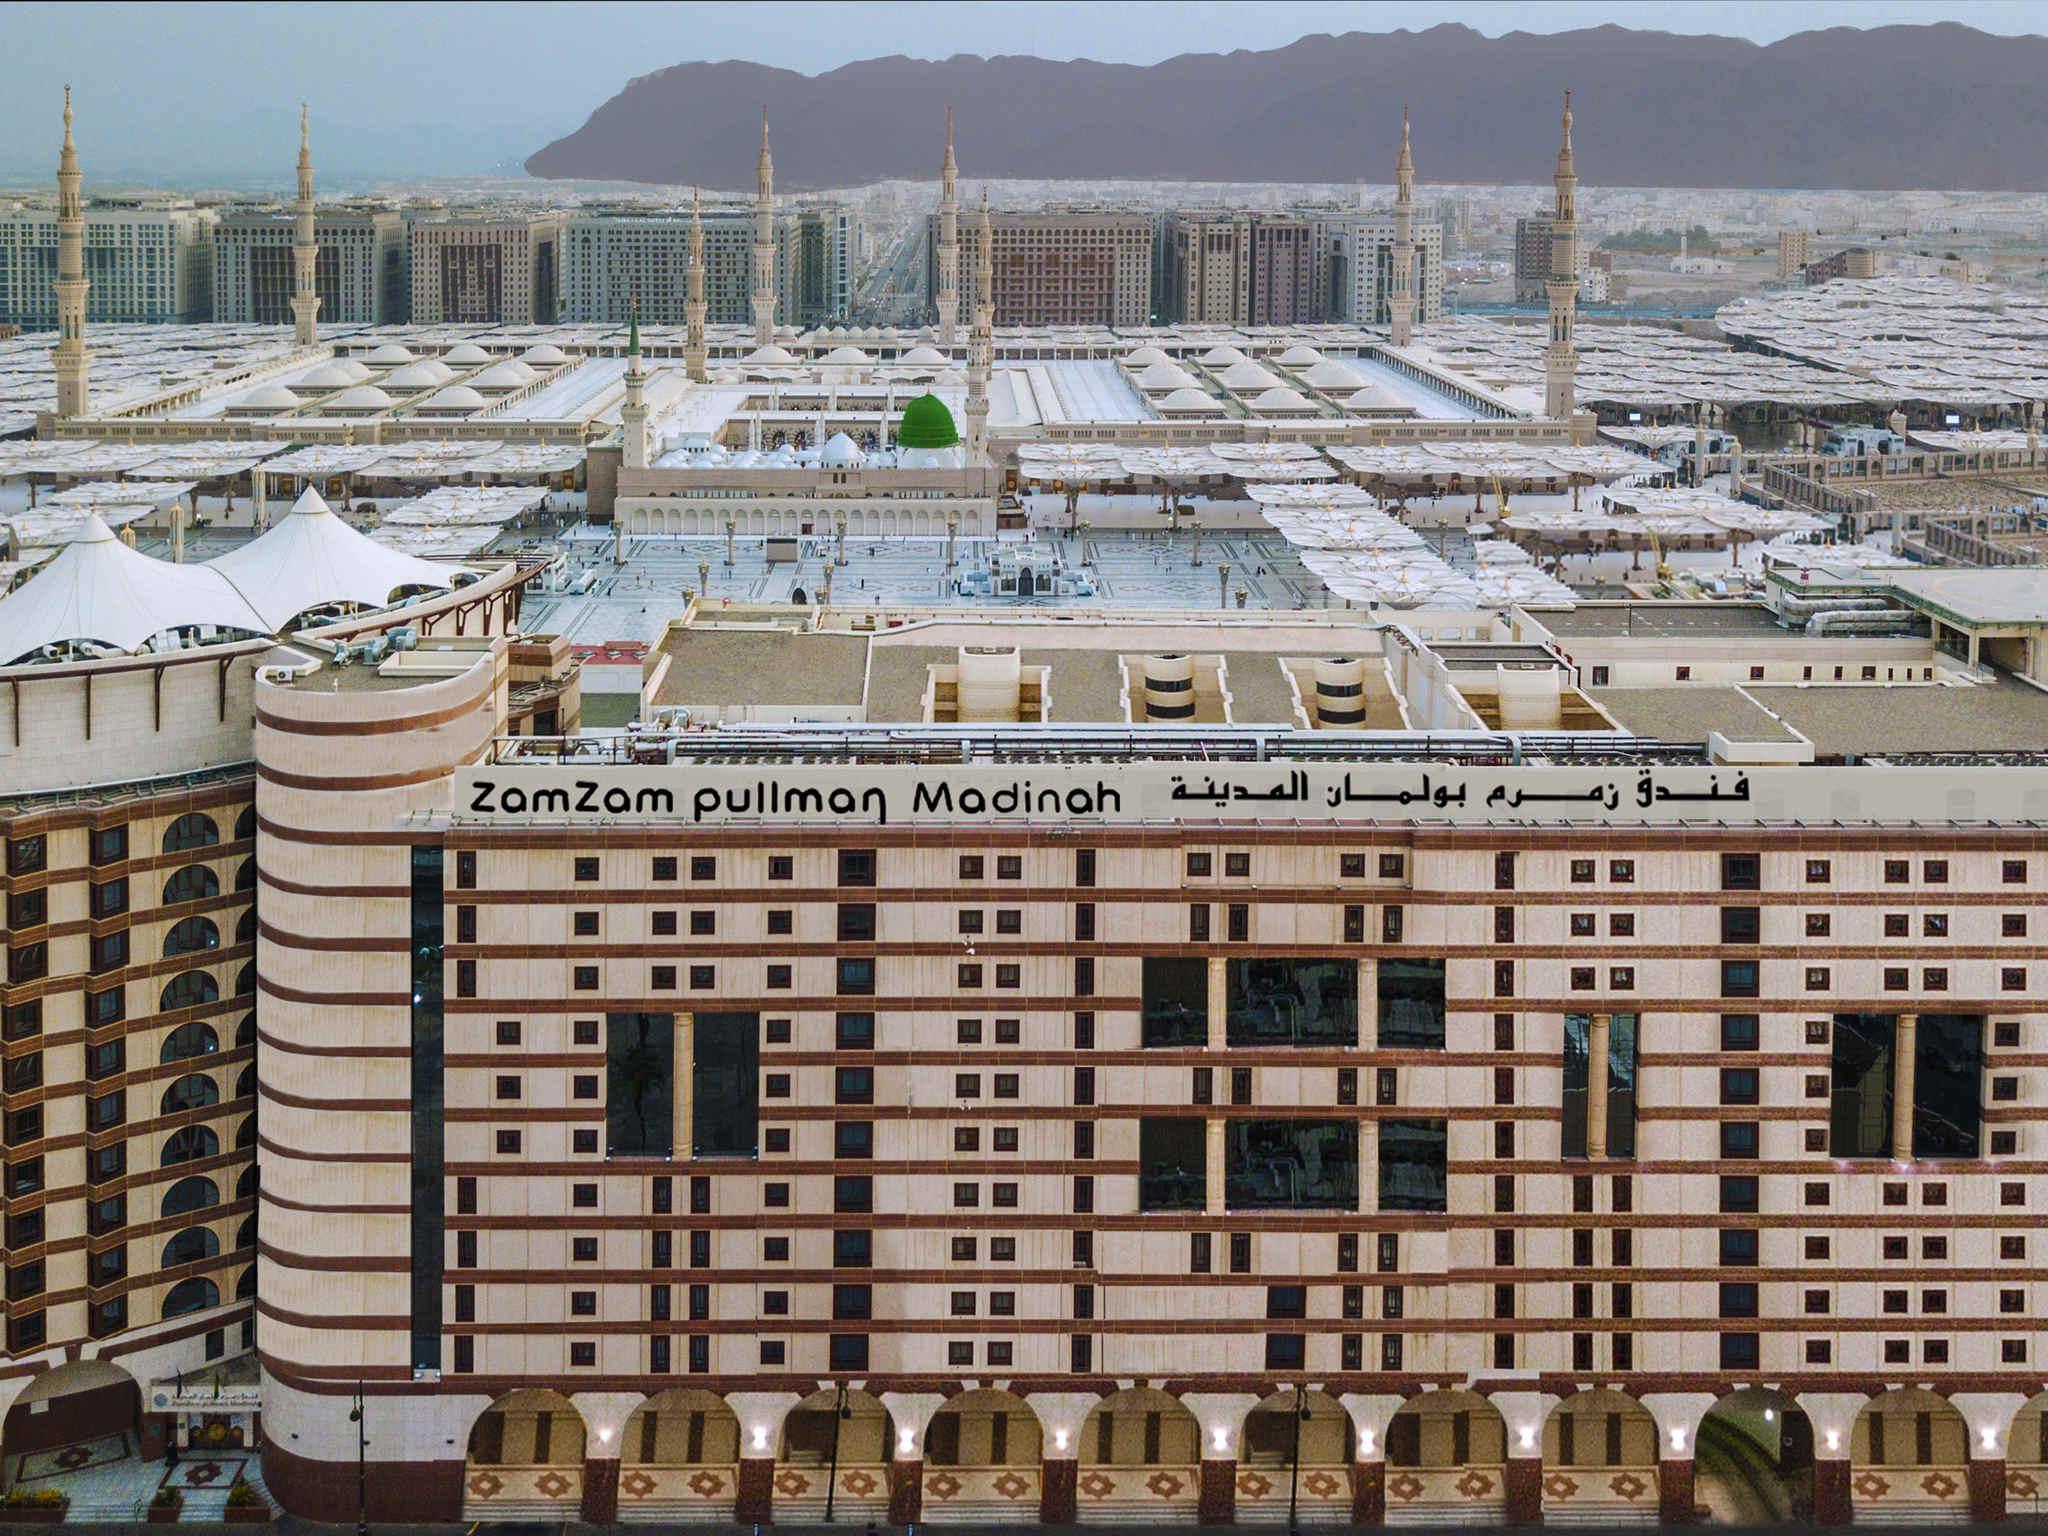 Hotel – Pullman Zamzam Madina